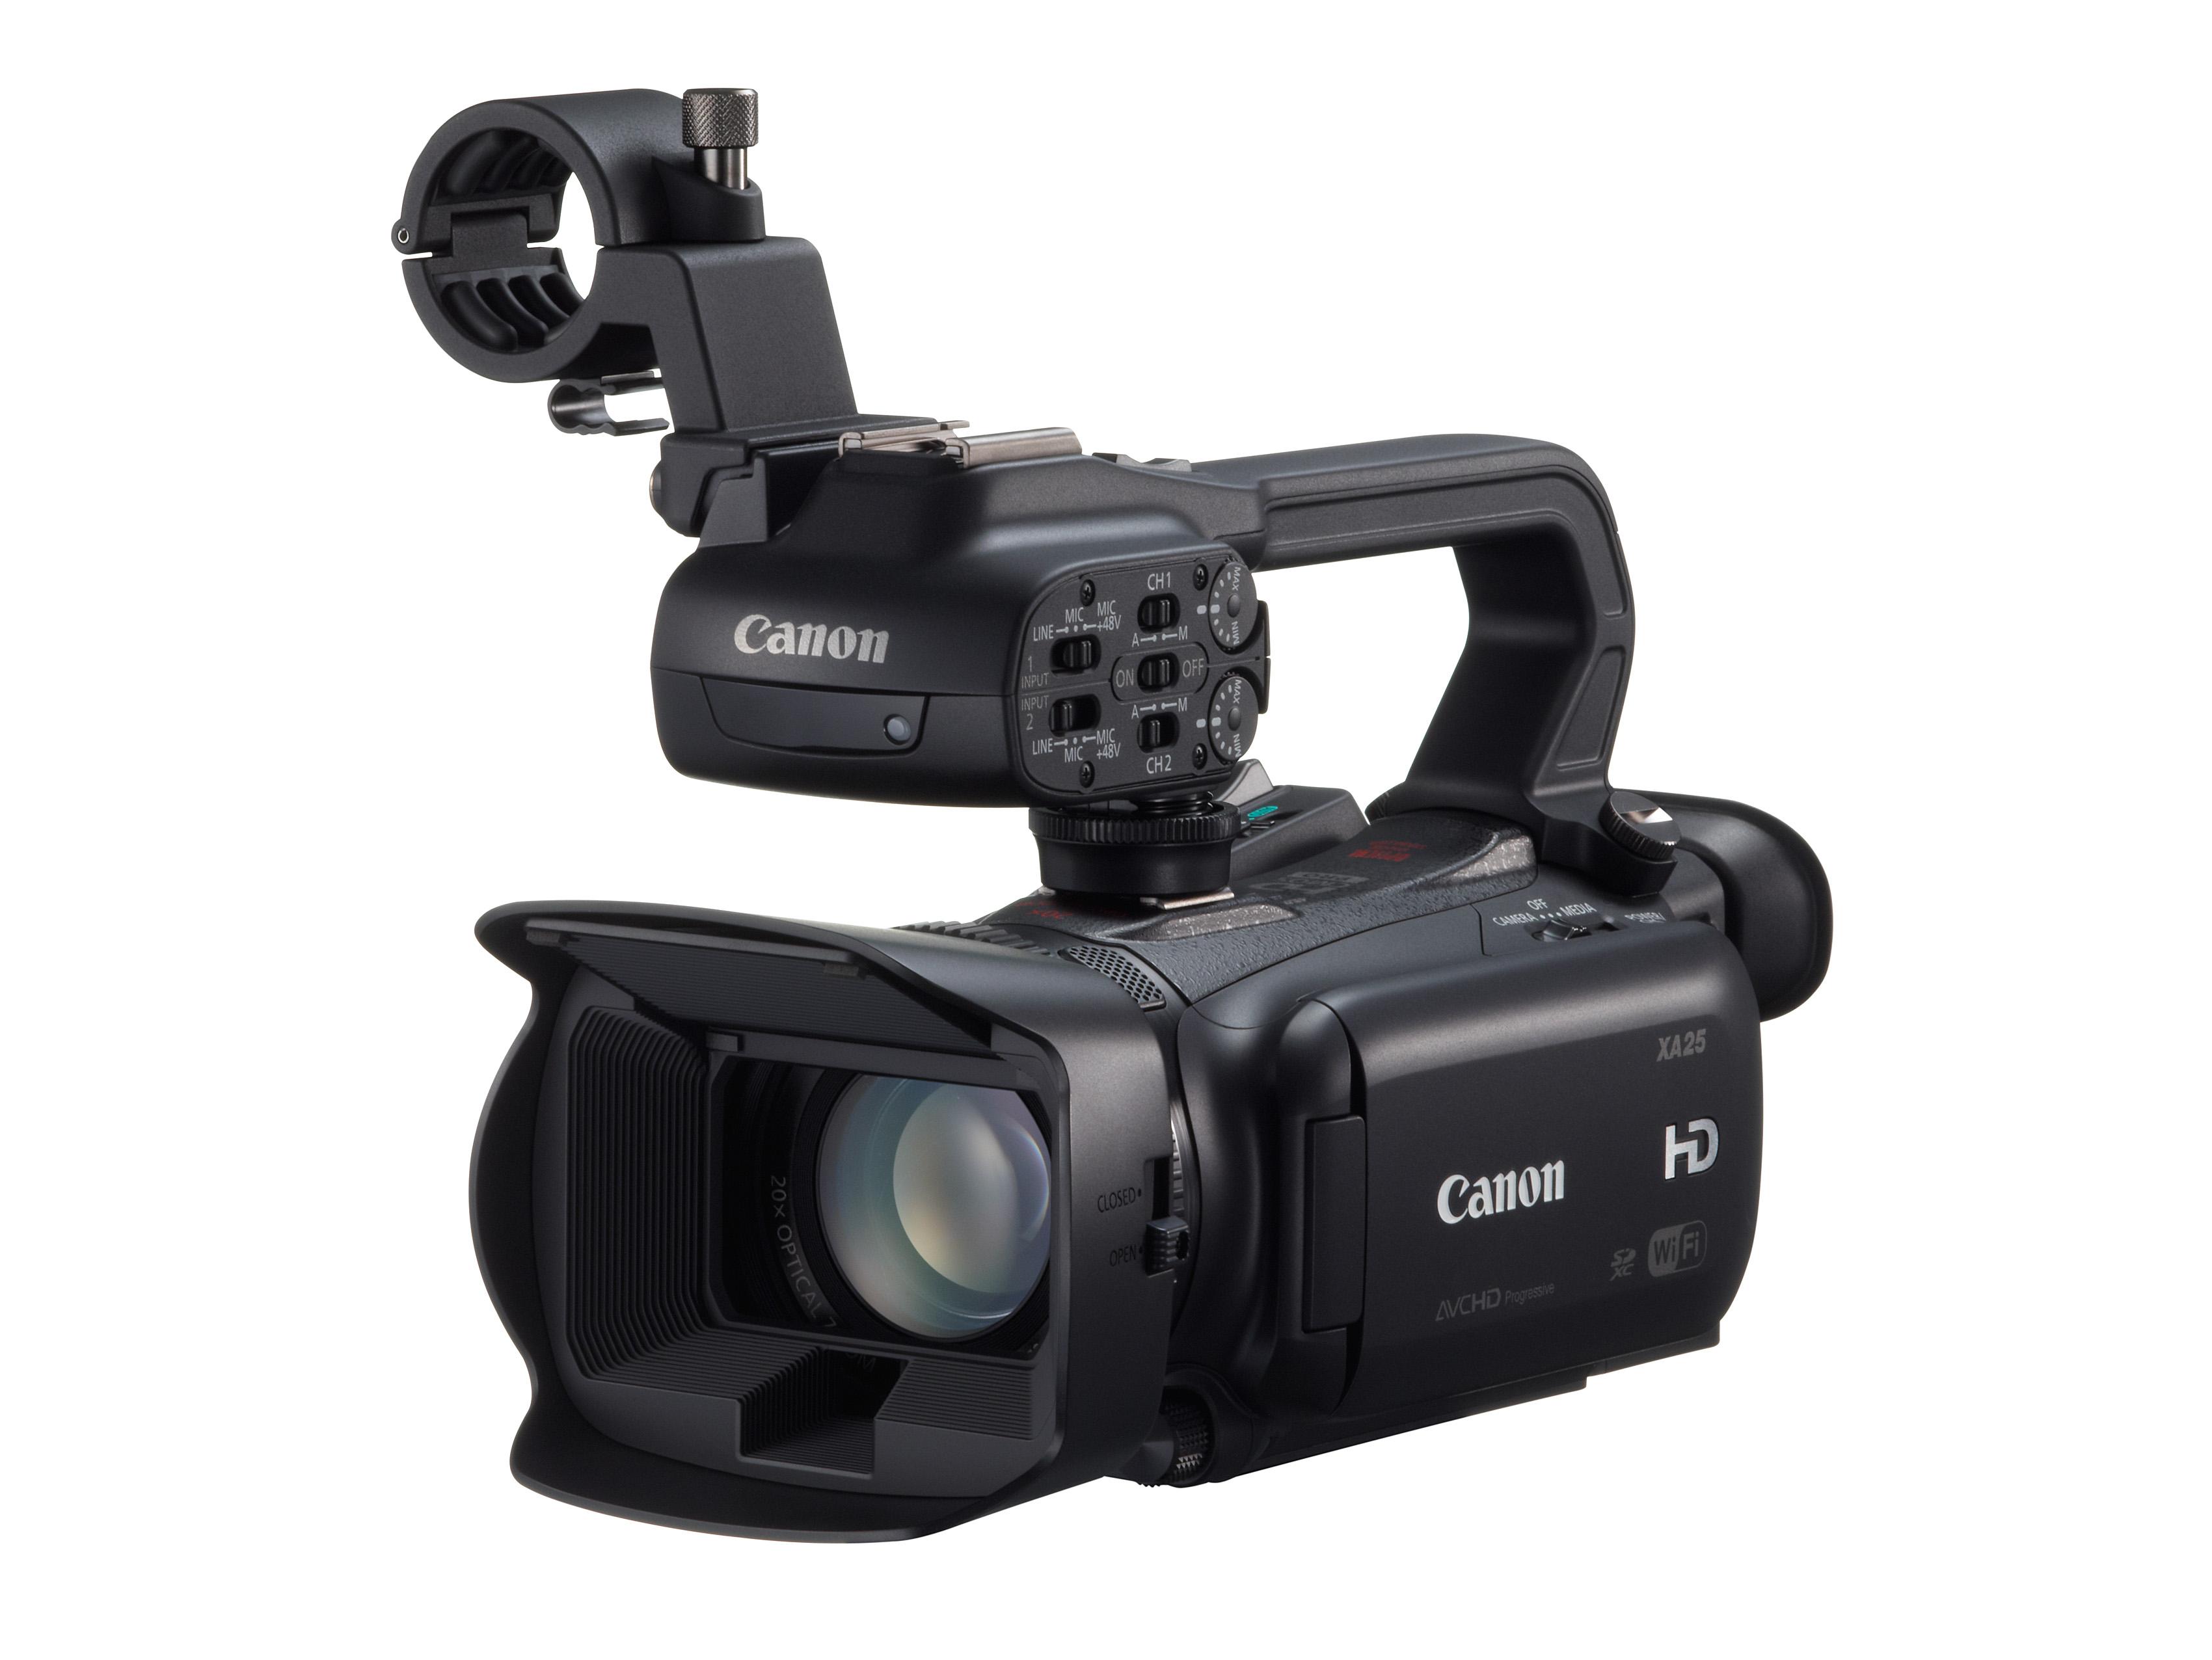 xa25 canon alquiler kbn next mediakbn next media Canon EOS 400D Canon EOS 400D